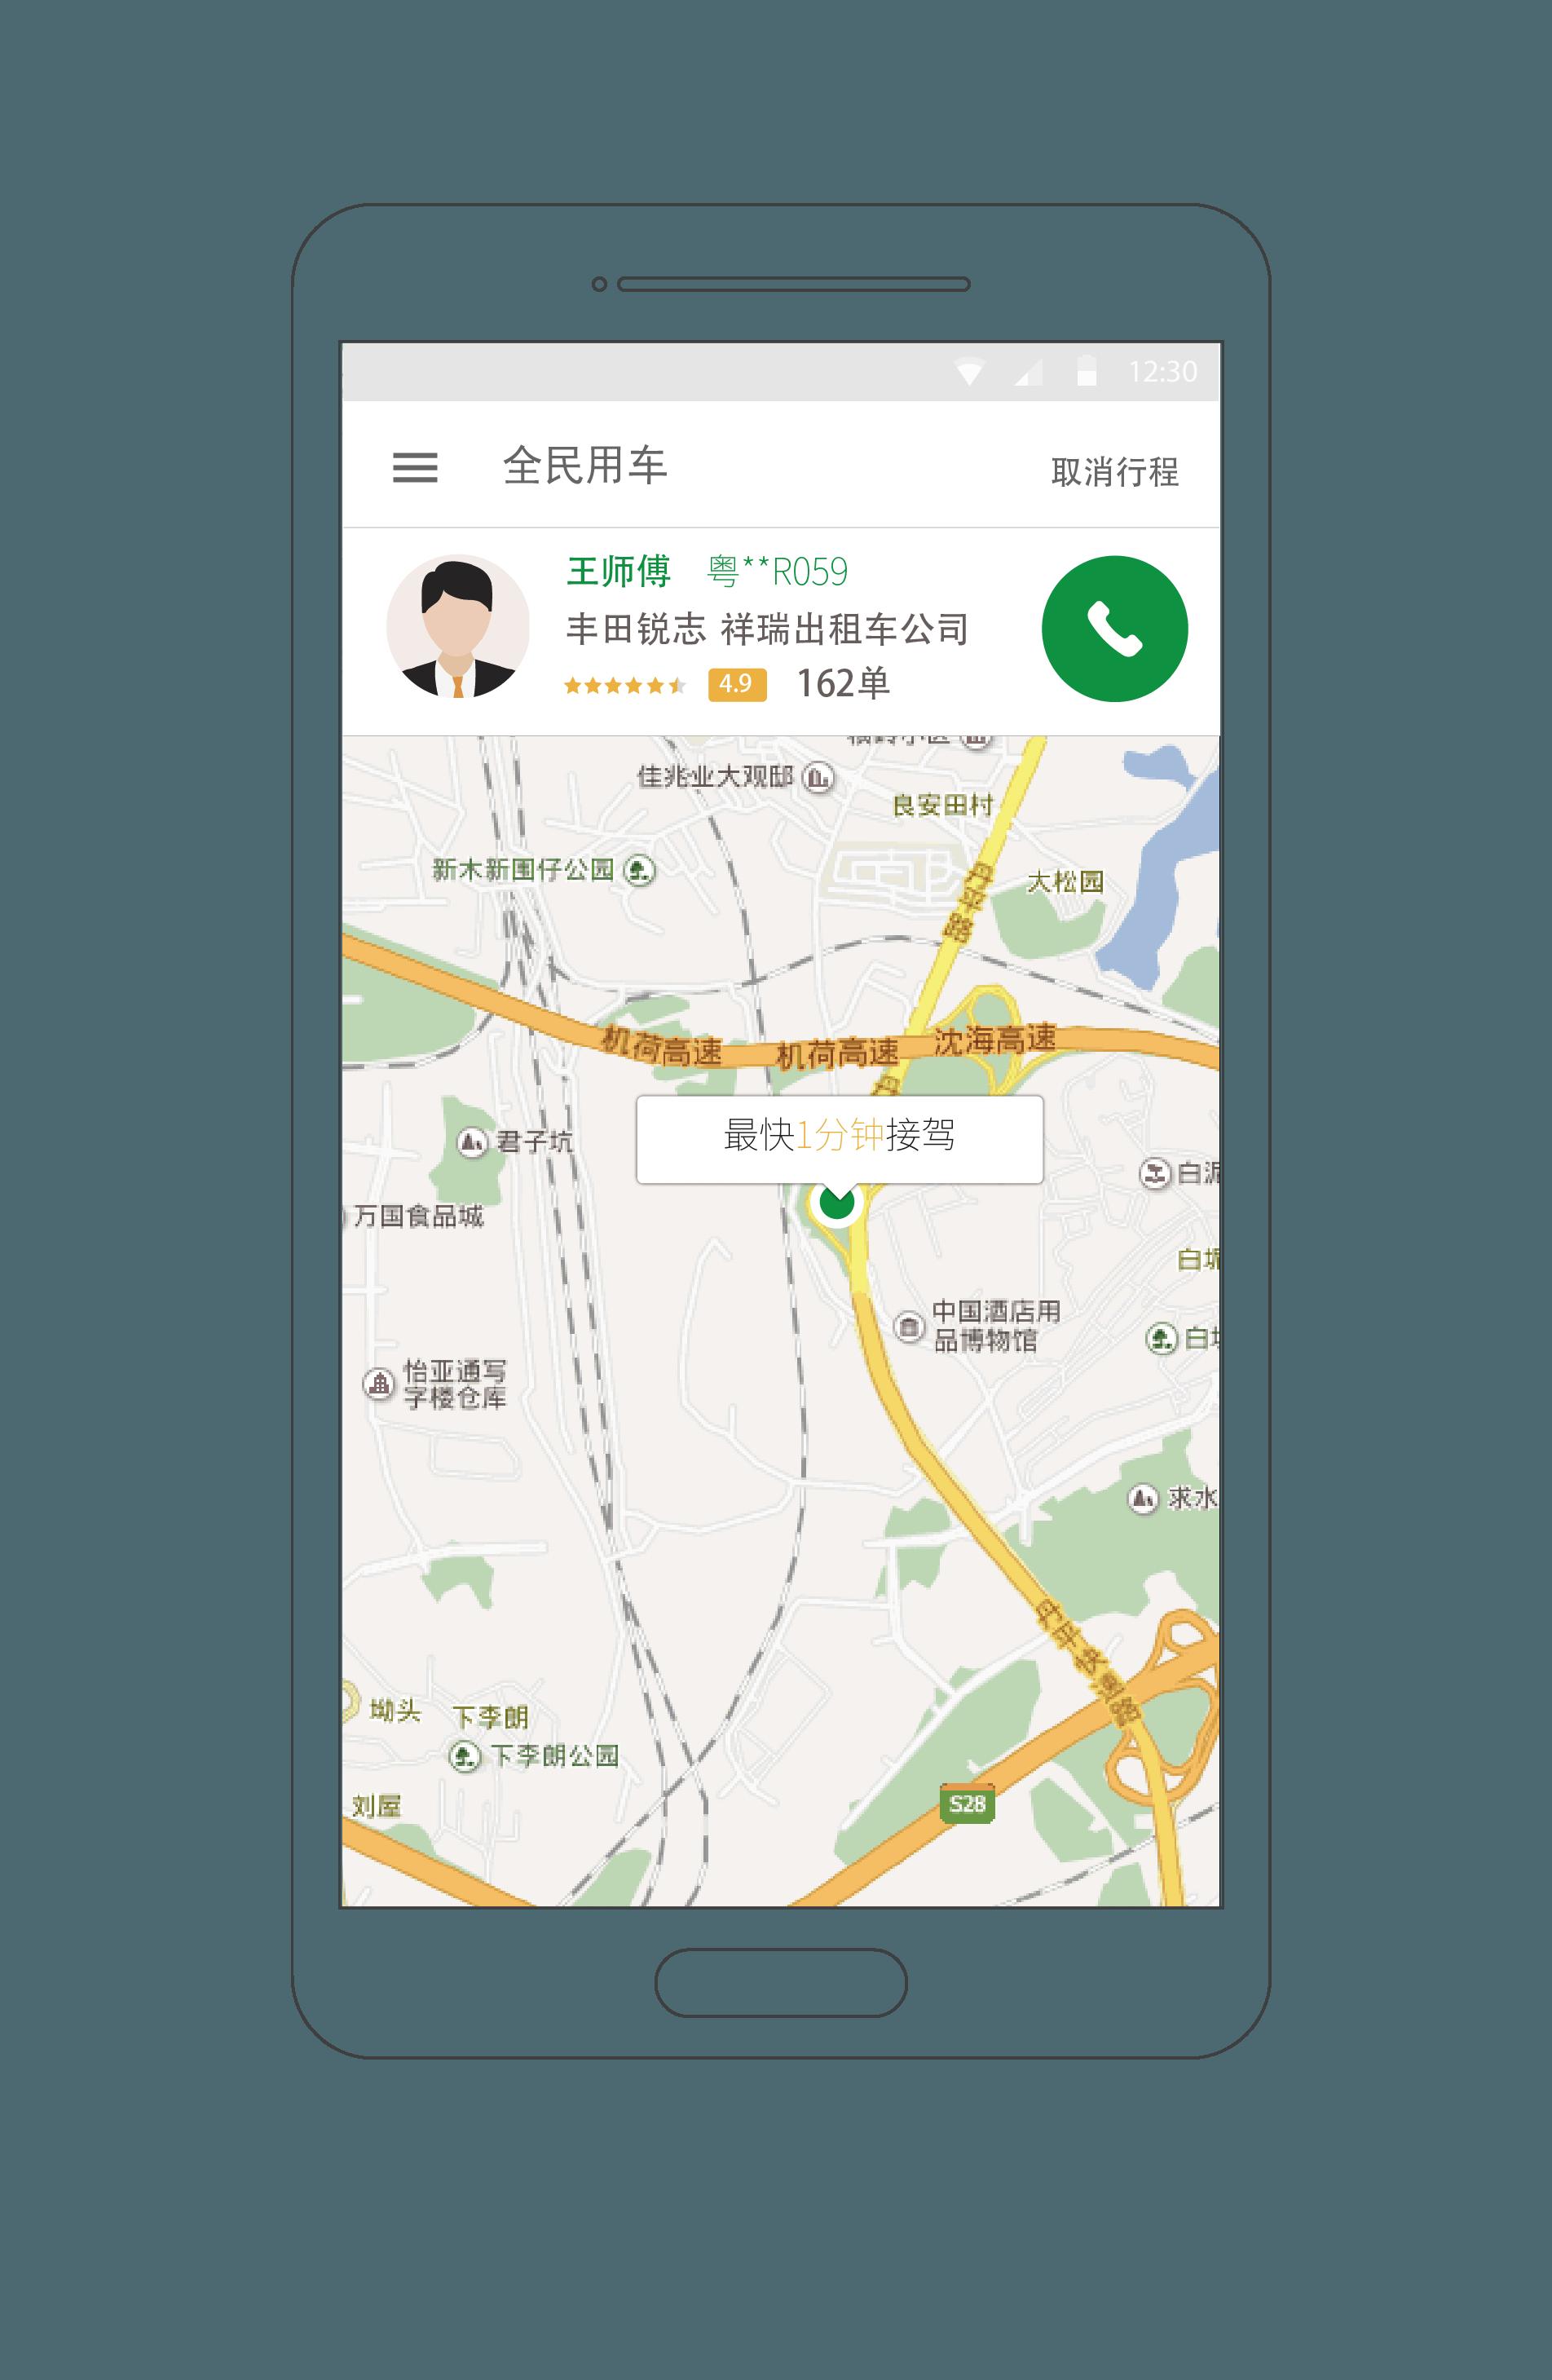 18luck新利苹果客户端新利18下载客户端APP展示